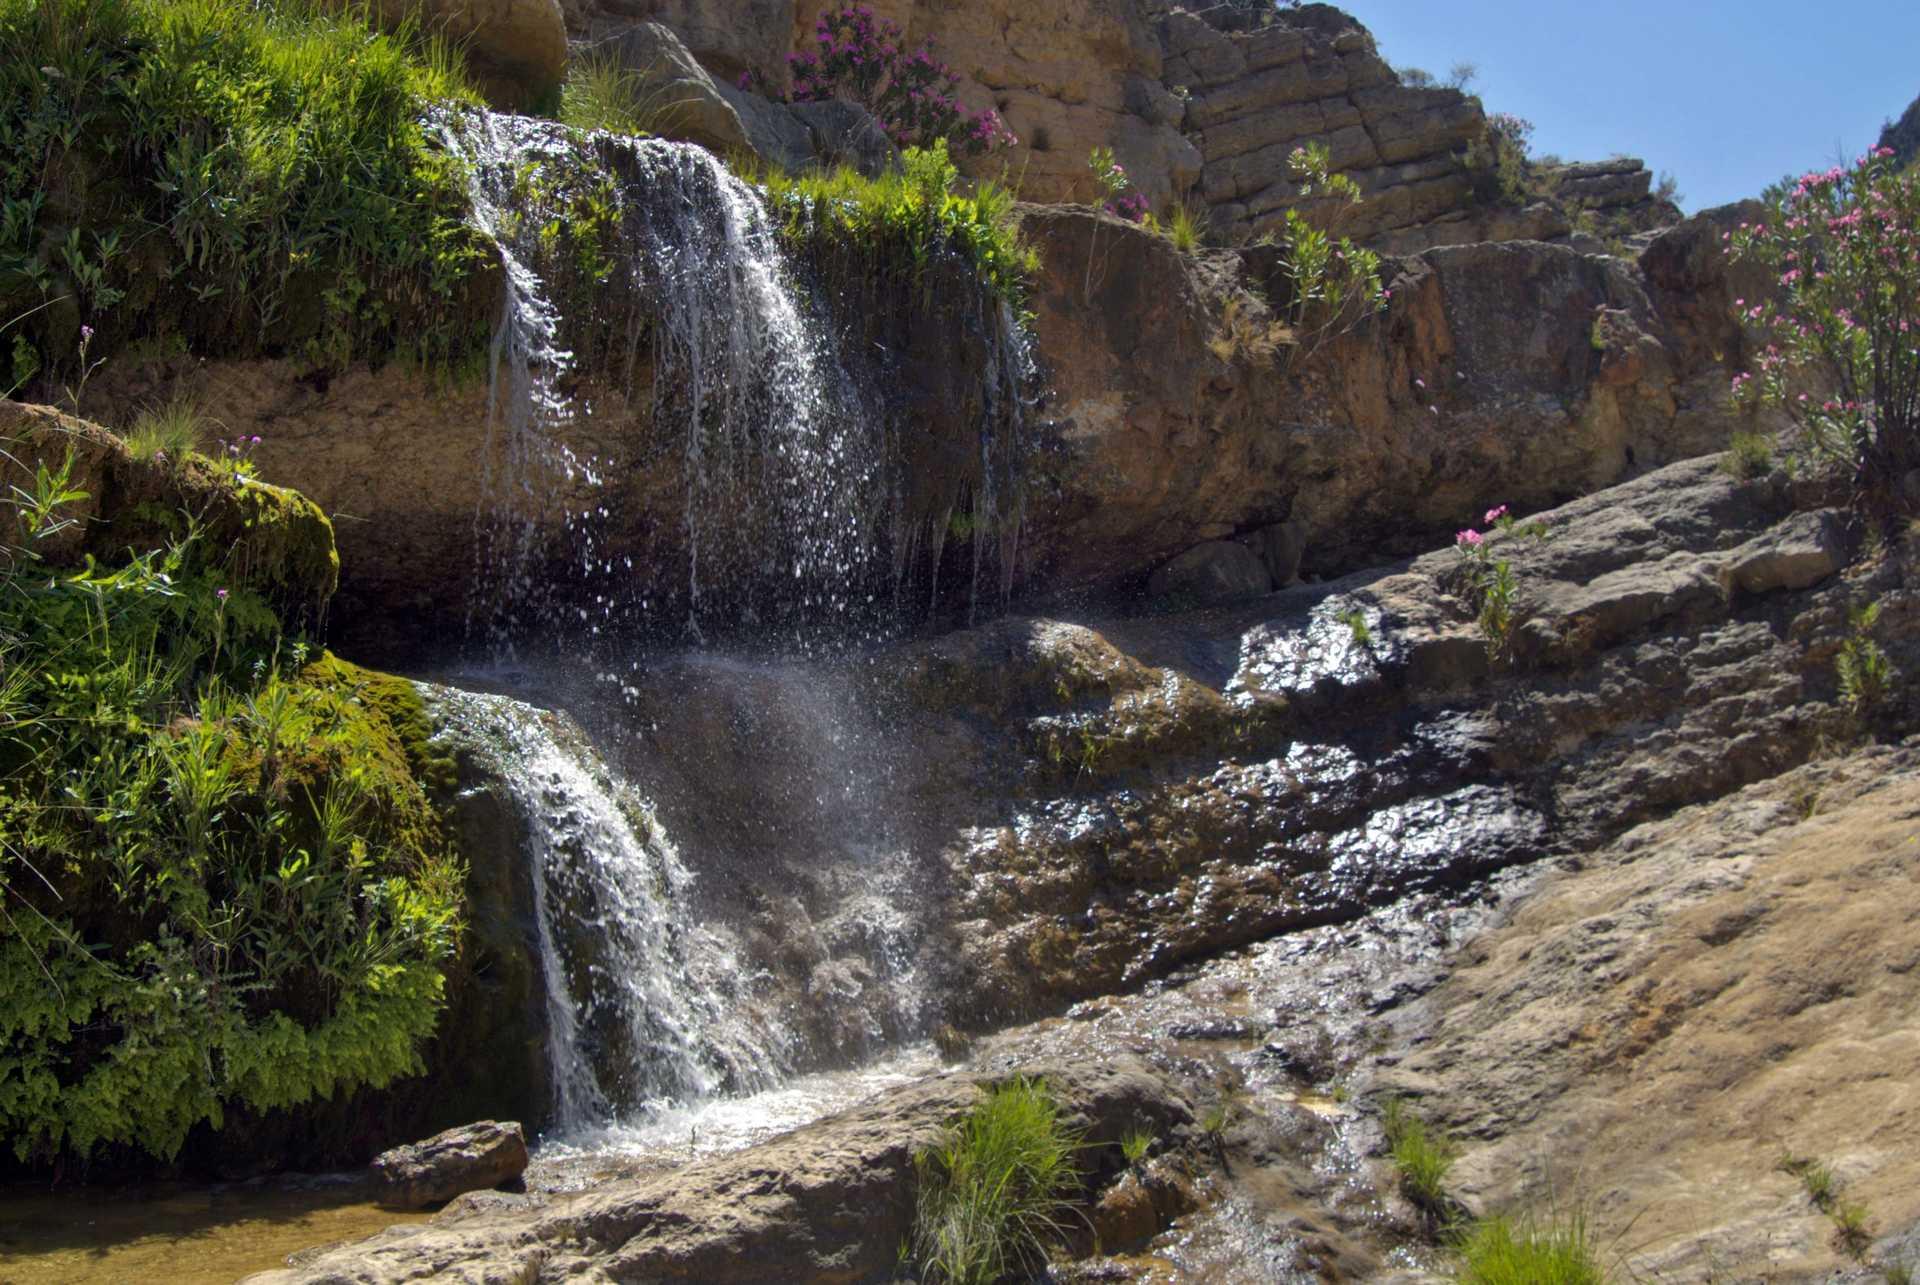 Chera-Sot de Chera Natural Park